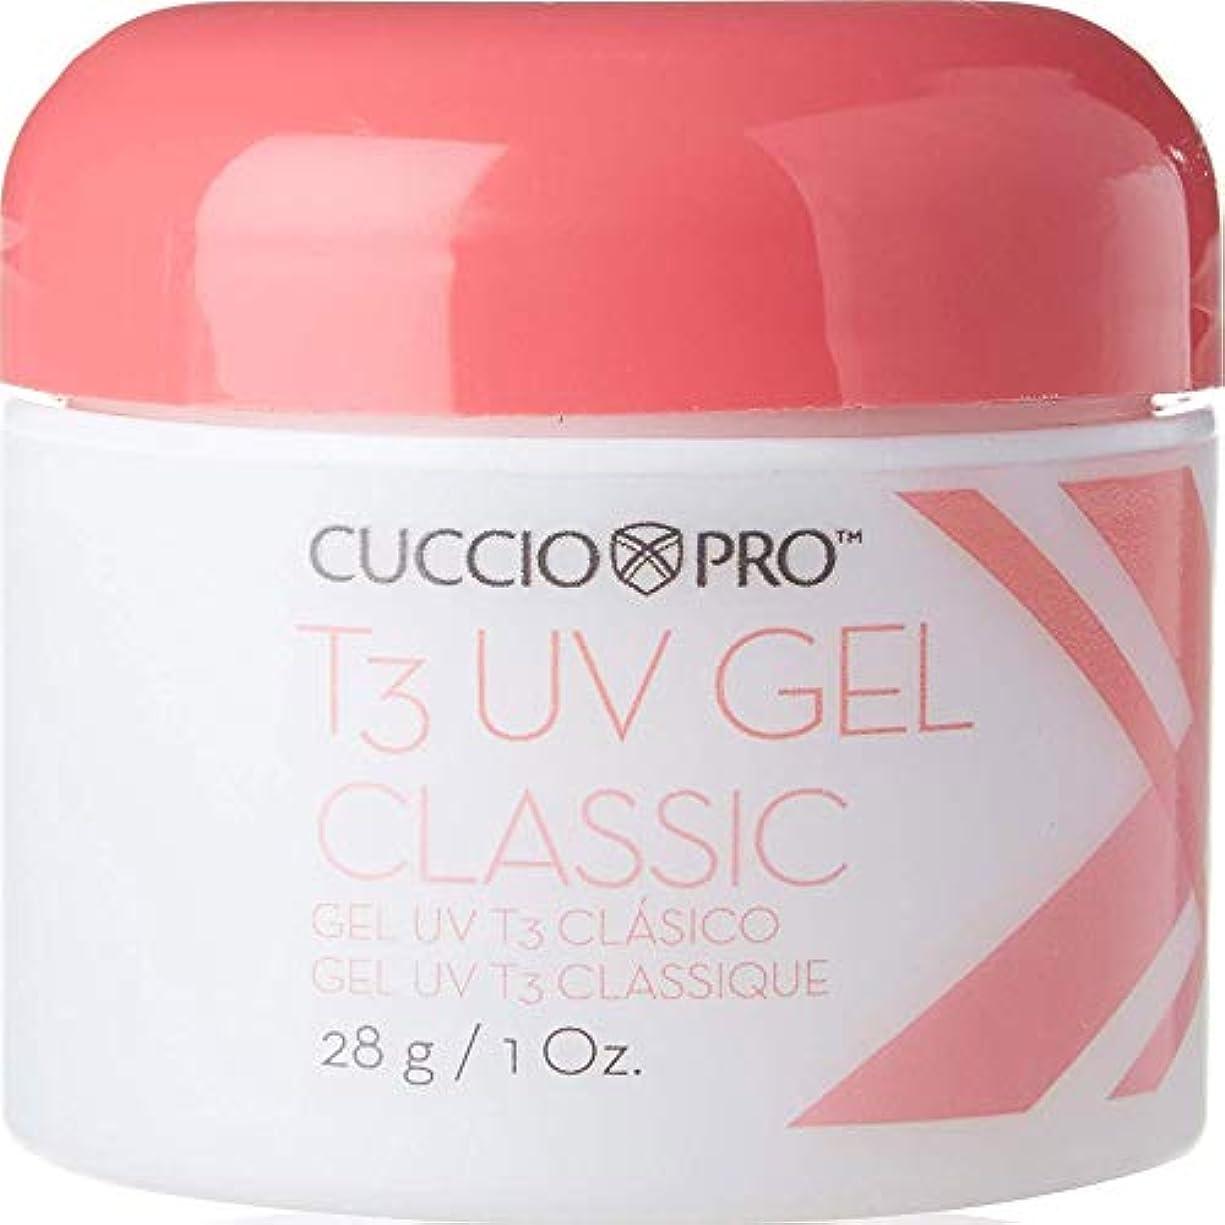 先に書き出す相対的Cuccio Pro T3 UV Gel Classic Pink for High Shine Natural and Artificial Nails 28g